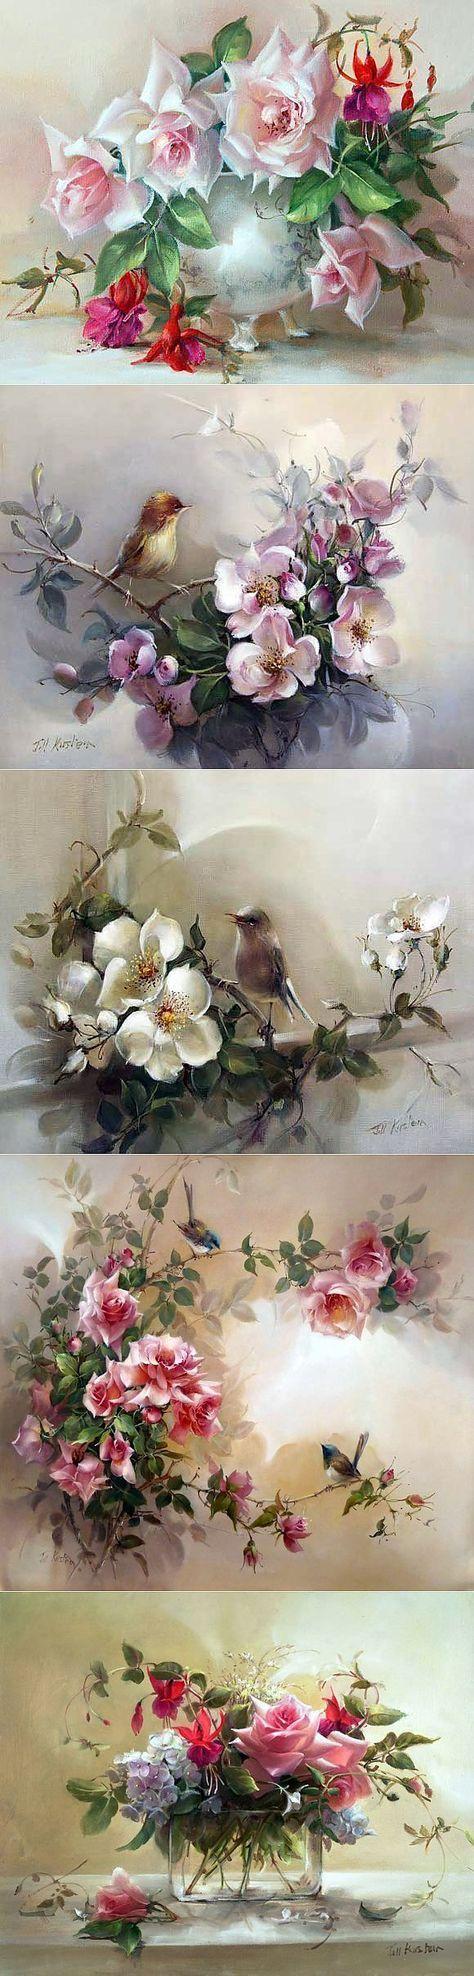 Rosas artista australiano Jill Kirstein ...